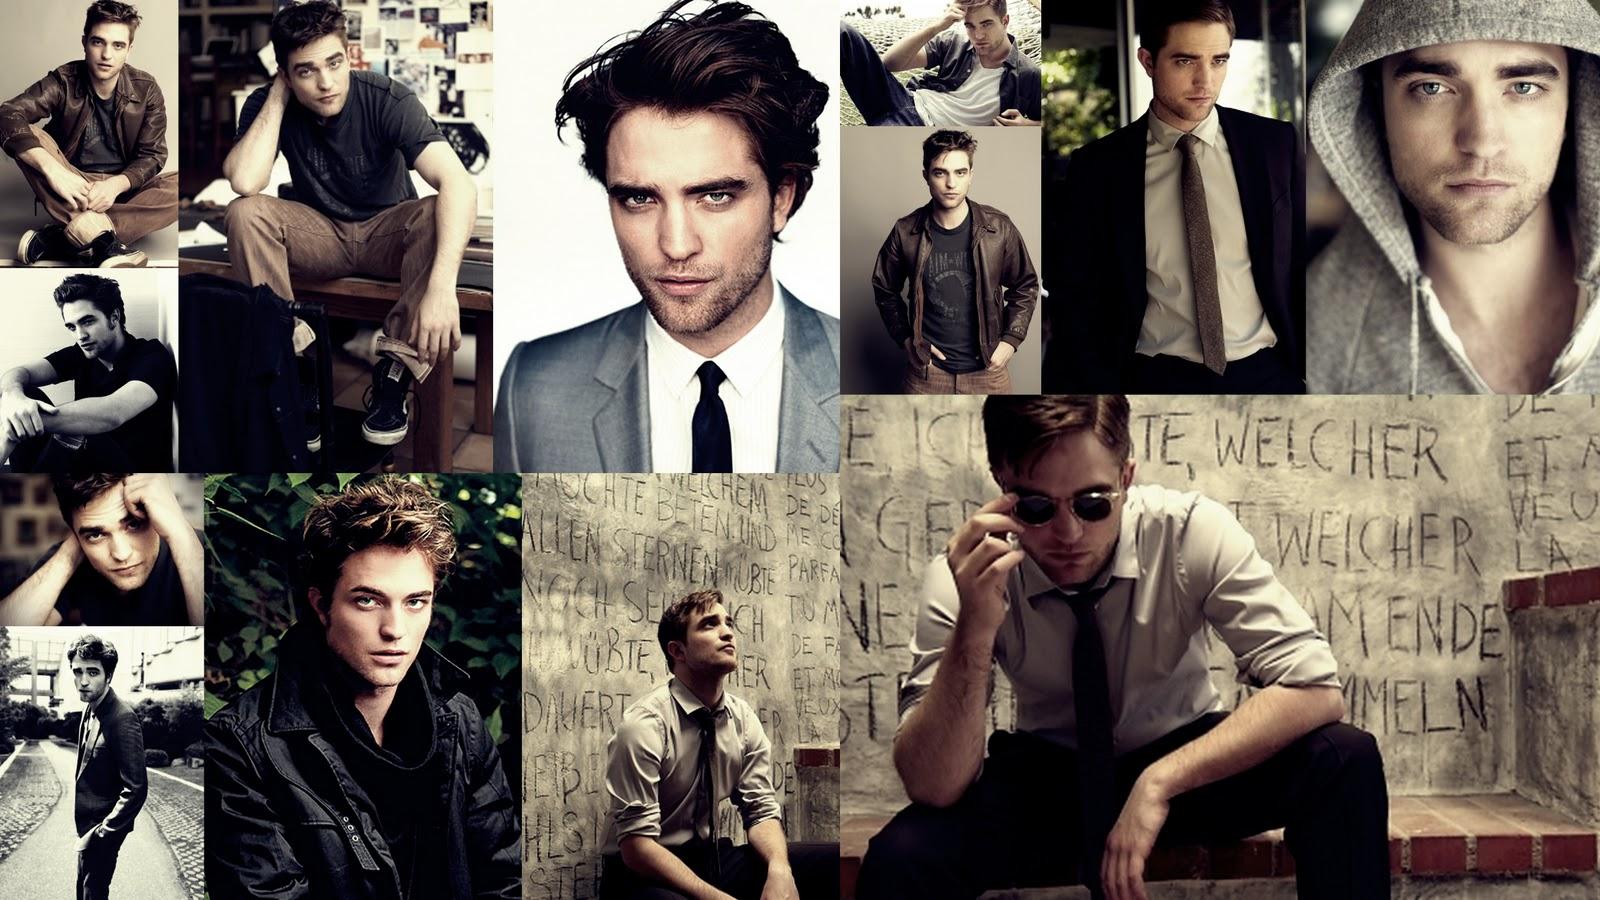 http://4.bp.blogspot.com/_gIL5cWT5xHk/TRHAfi7LhDI/AAAAAAAAAAU/IRXyQ4L3_ps/s1600/Robert+Pattinson.jpg